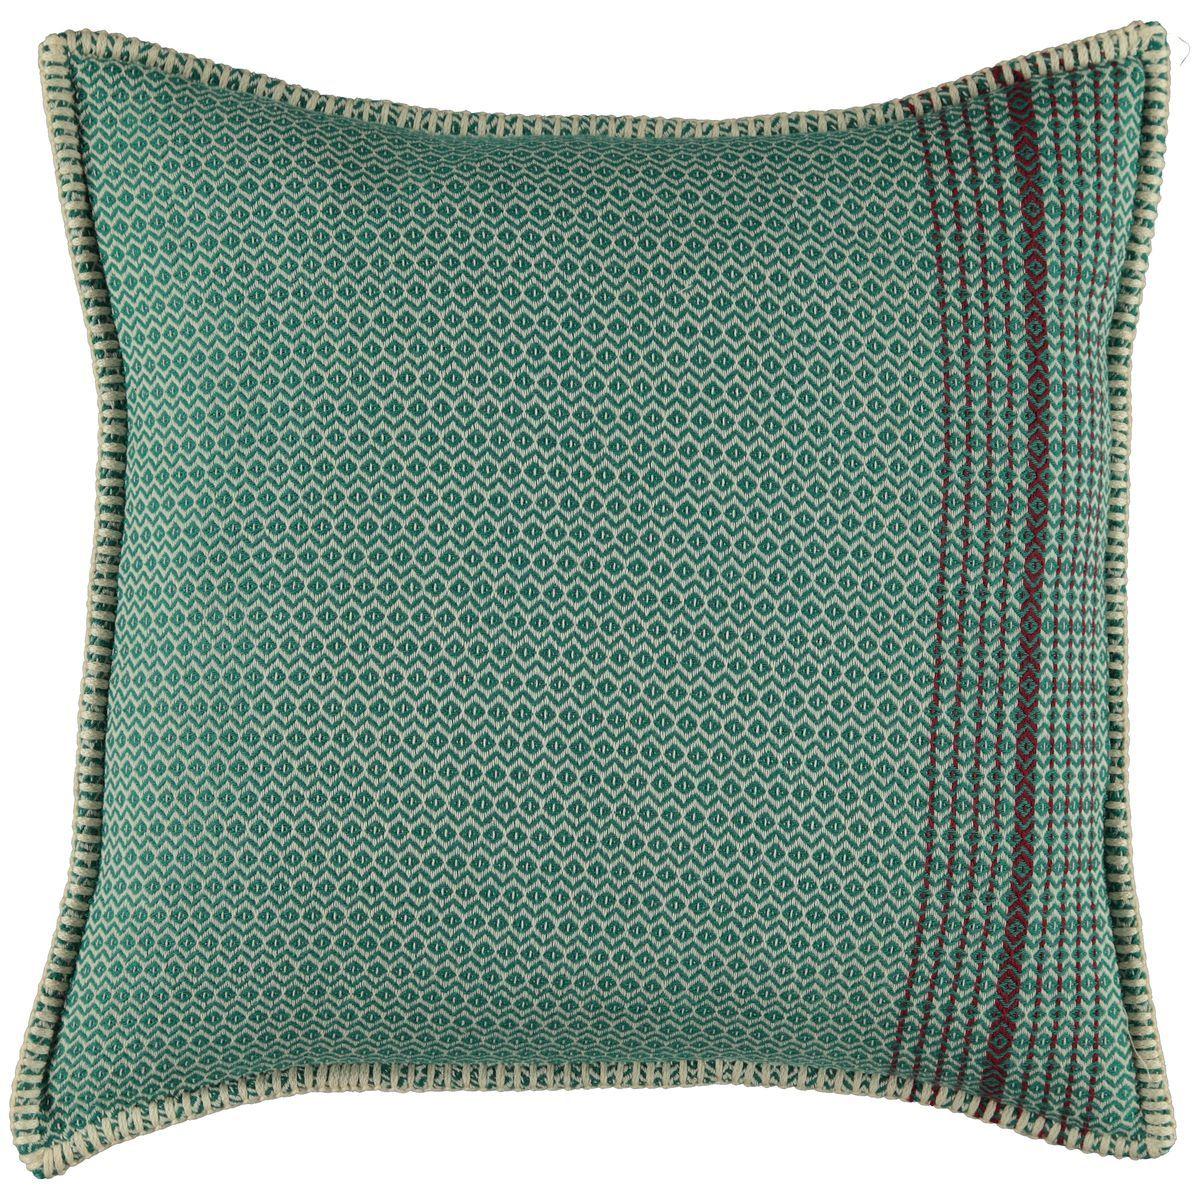 Cushion Cover / Gocek - Fanfare Green 40x40